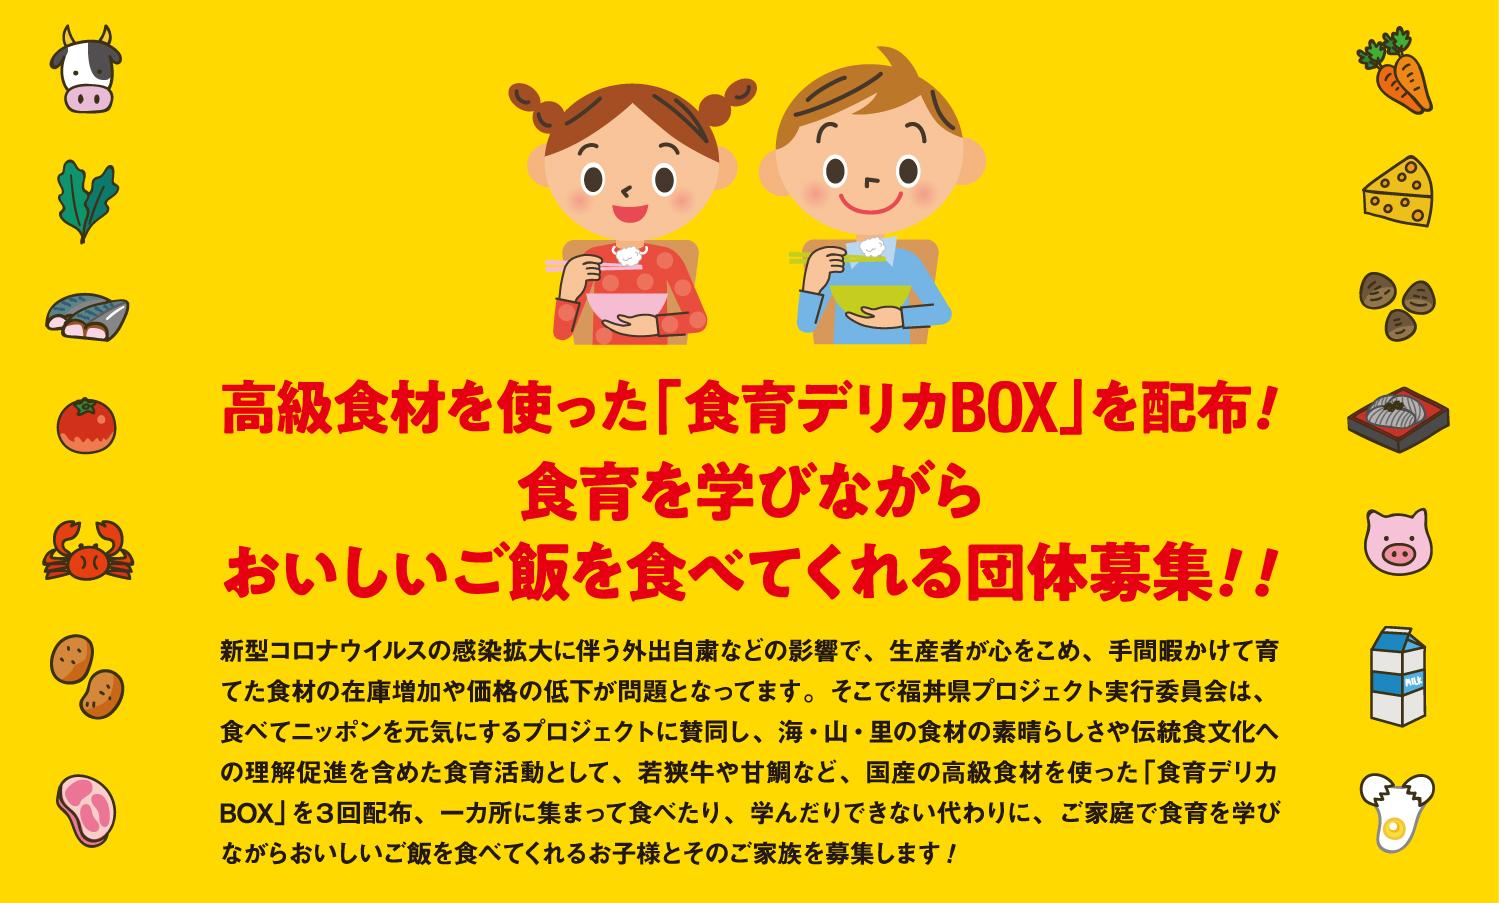 高級食材を使った「食育デリカBOX」を配布!食育を学びながらおいしいごはんを食べてくれる団体募集!!